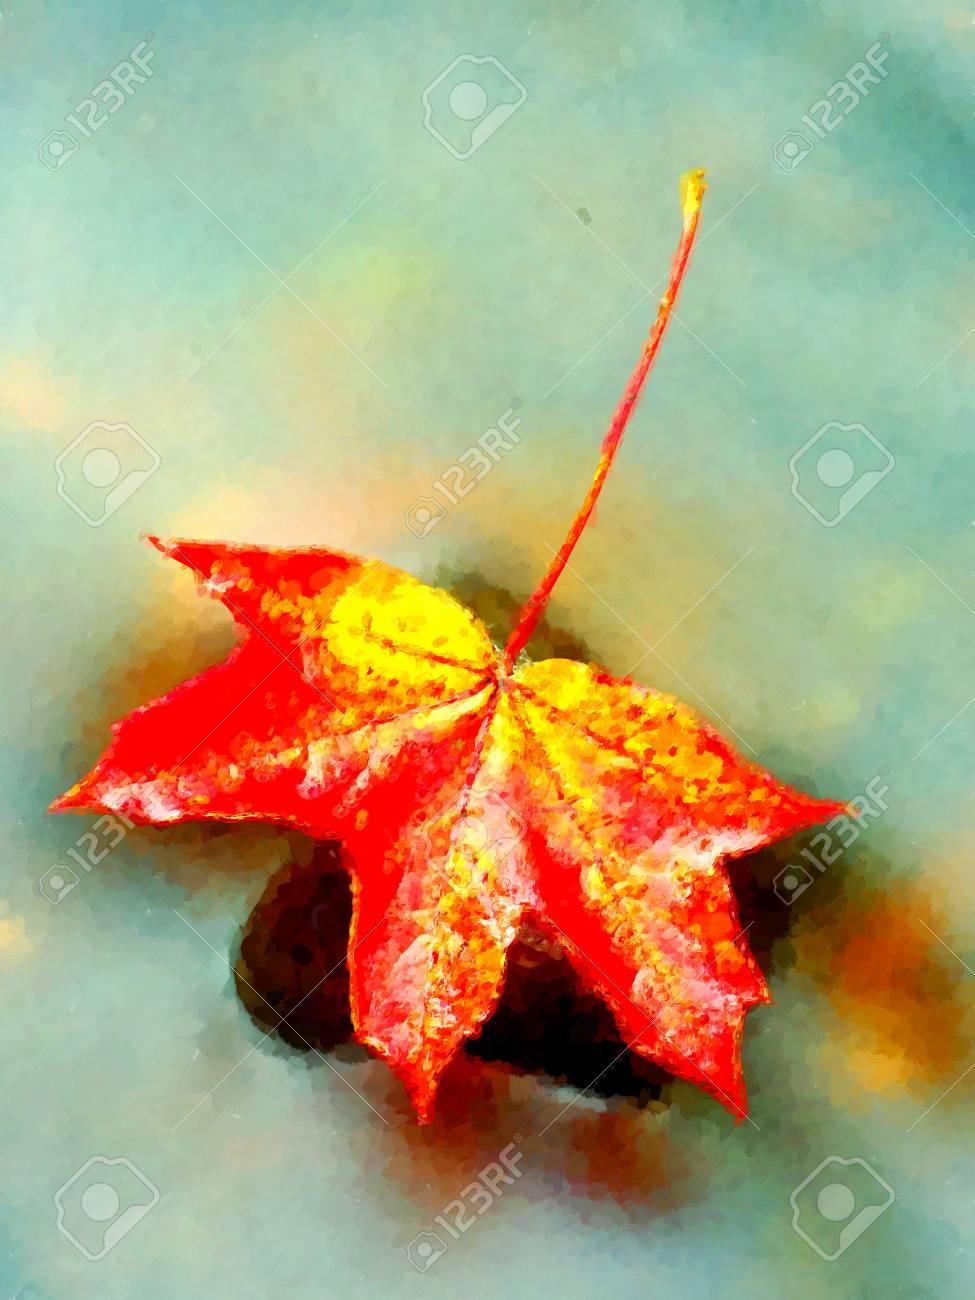 Effet De Peinture Aquarelle Feuilles D Automne Rouge Jaune Orange Sur L Eau Feuilles Sechees Tombees Dans L Eau Froide Banque D Images Et Photos Libres De Droits Image 70433384